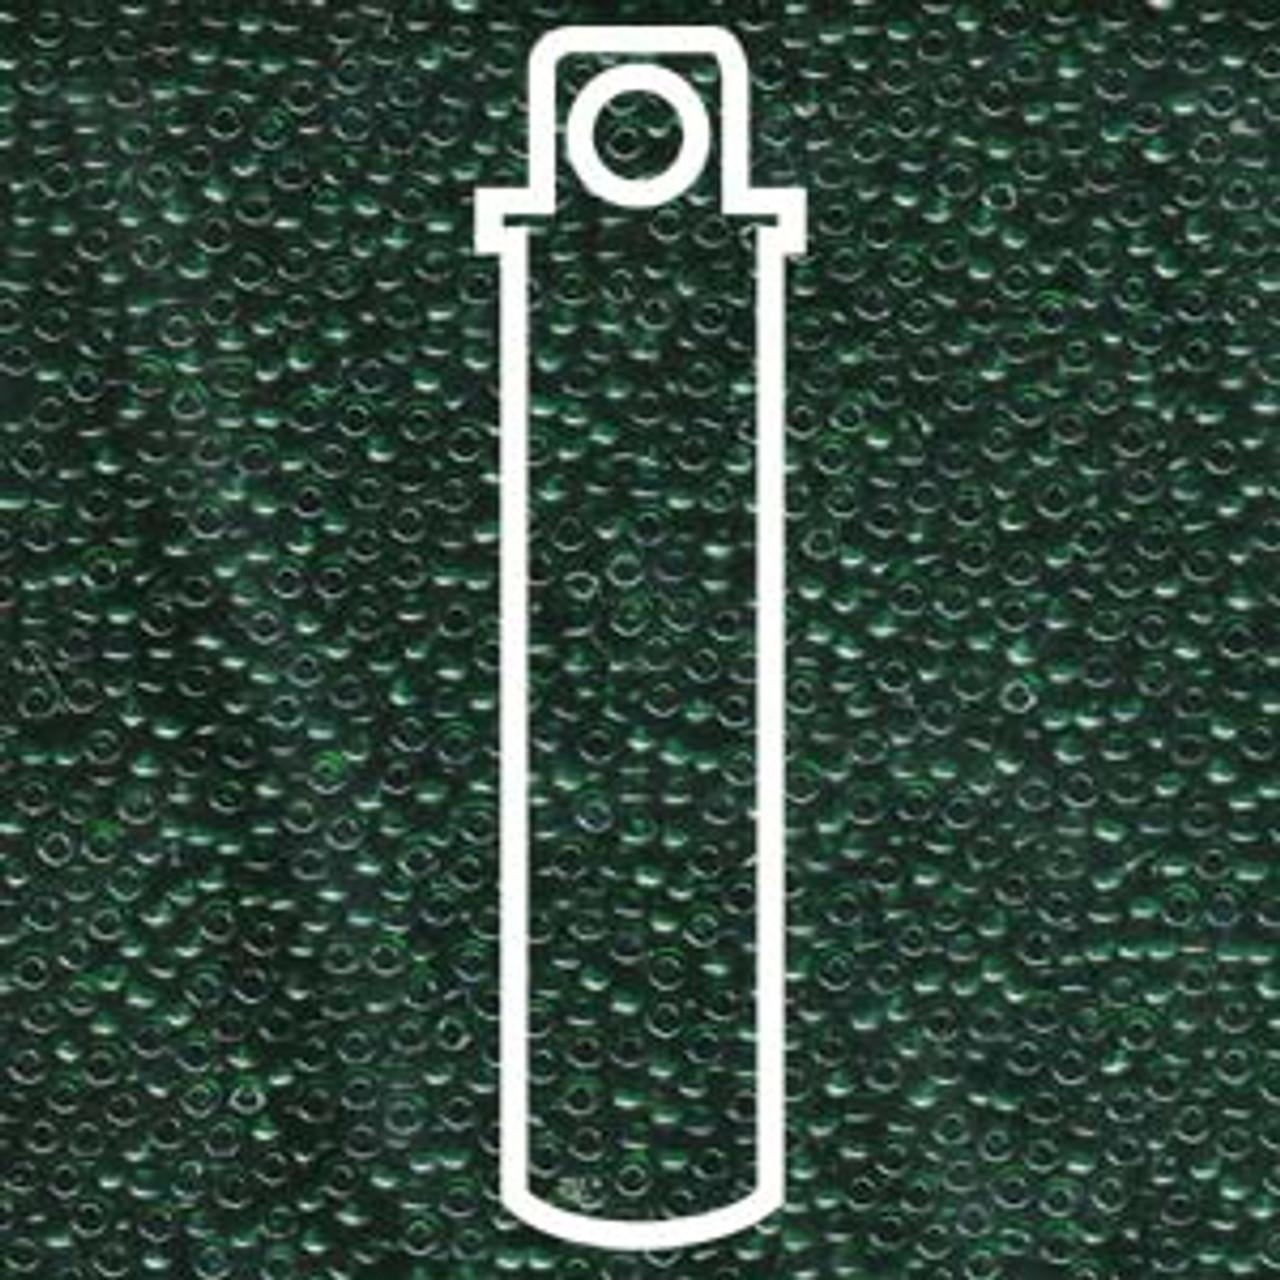 11/0 Transparent Emerald Miyuki Seed Beads (22 Grams) 11-9156